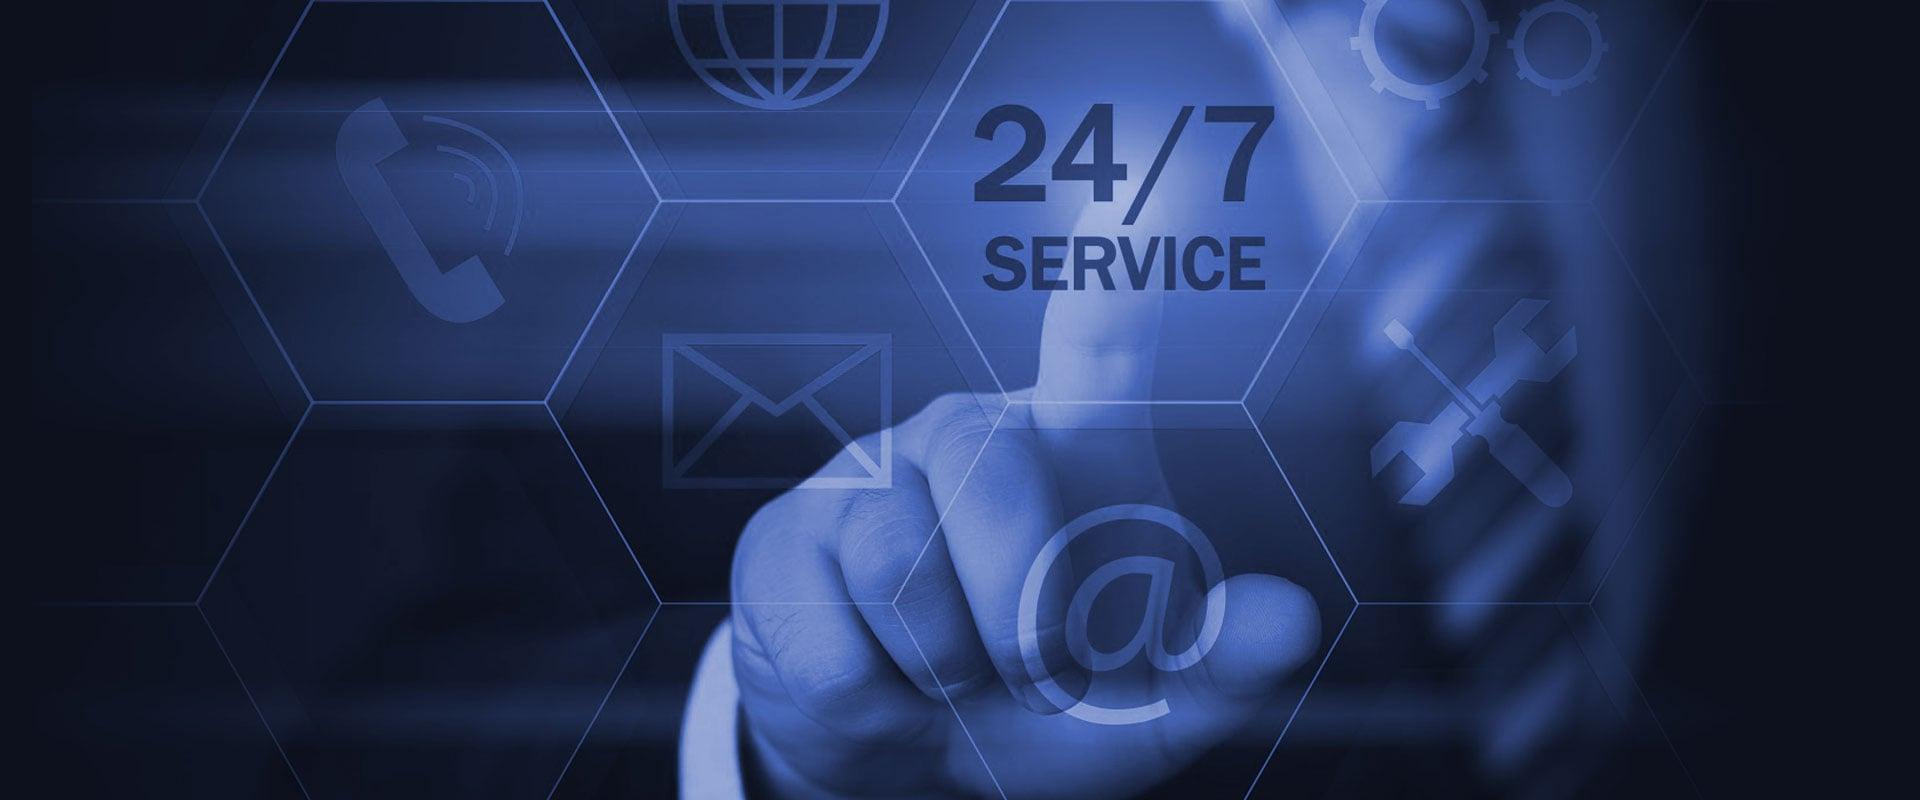 Servicio de soporte y mantenimiento 24 horas los 365 días